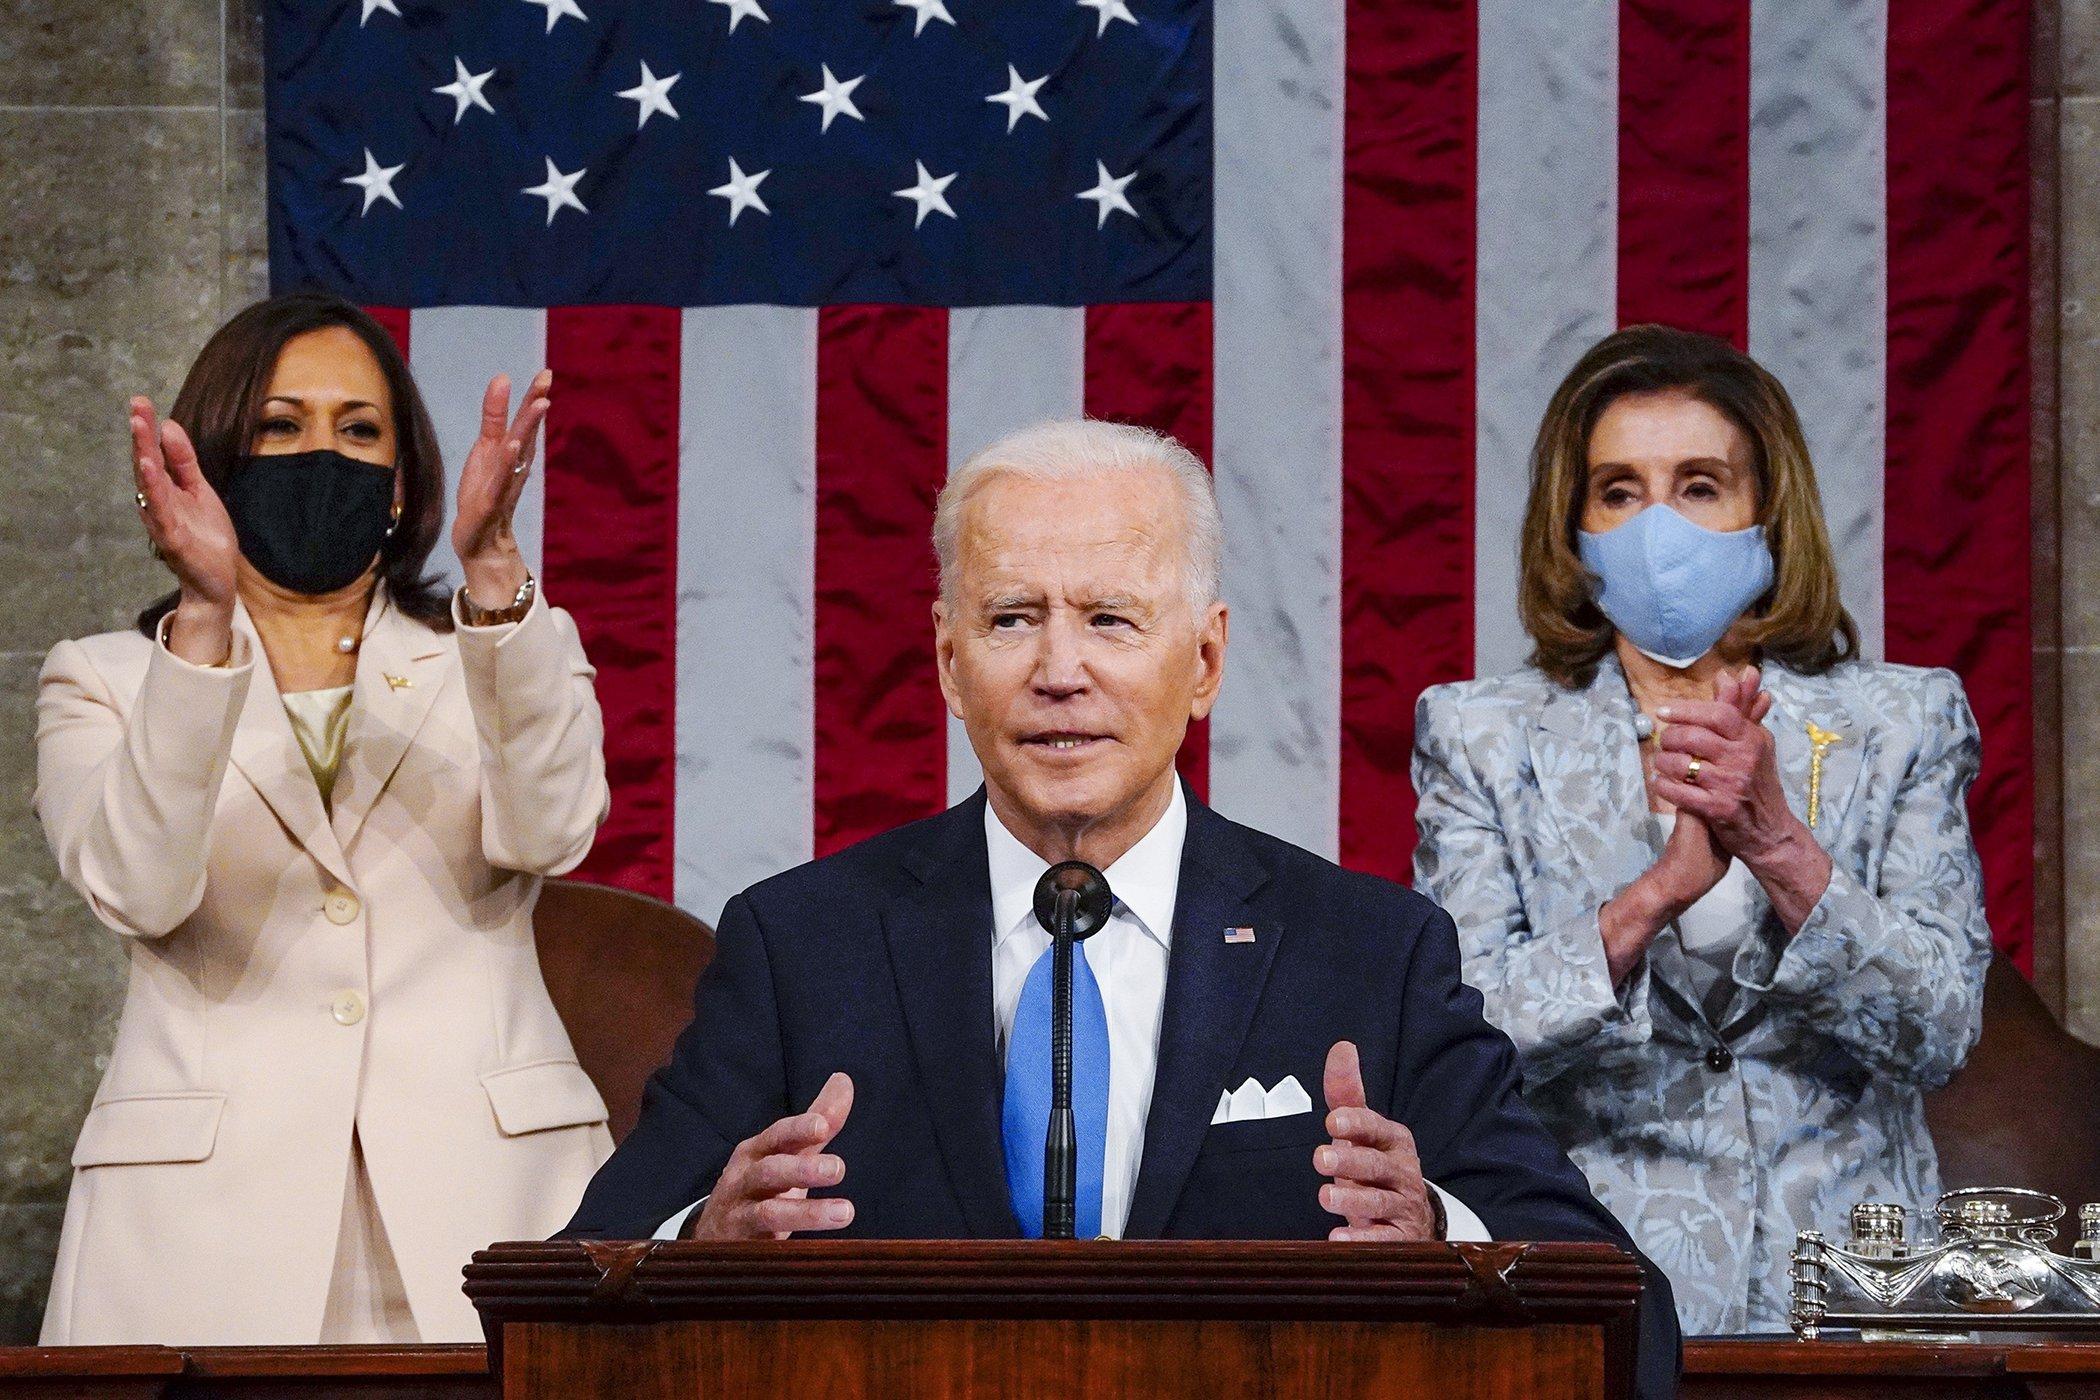 Joe-Biden-100-Days-Speech-Quotes-FF.jpg